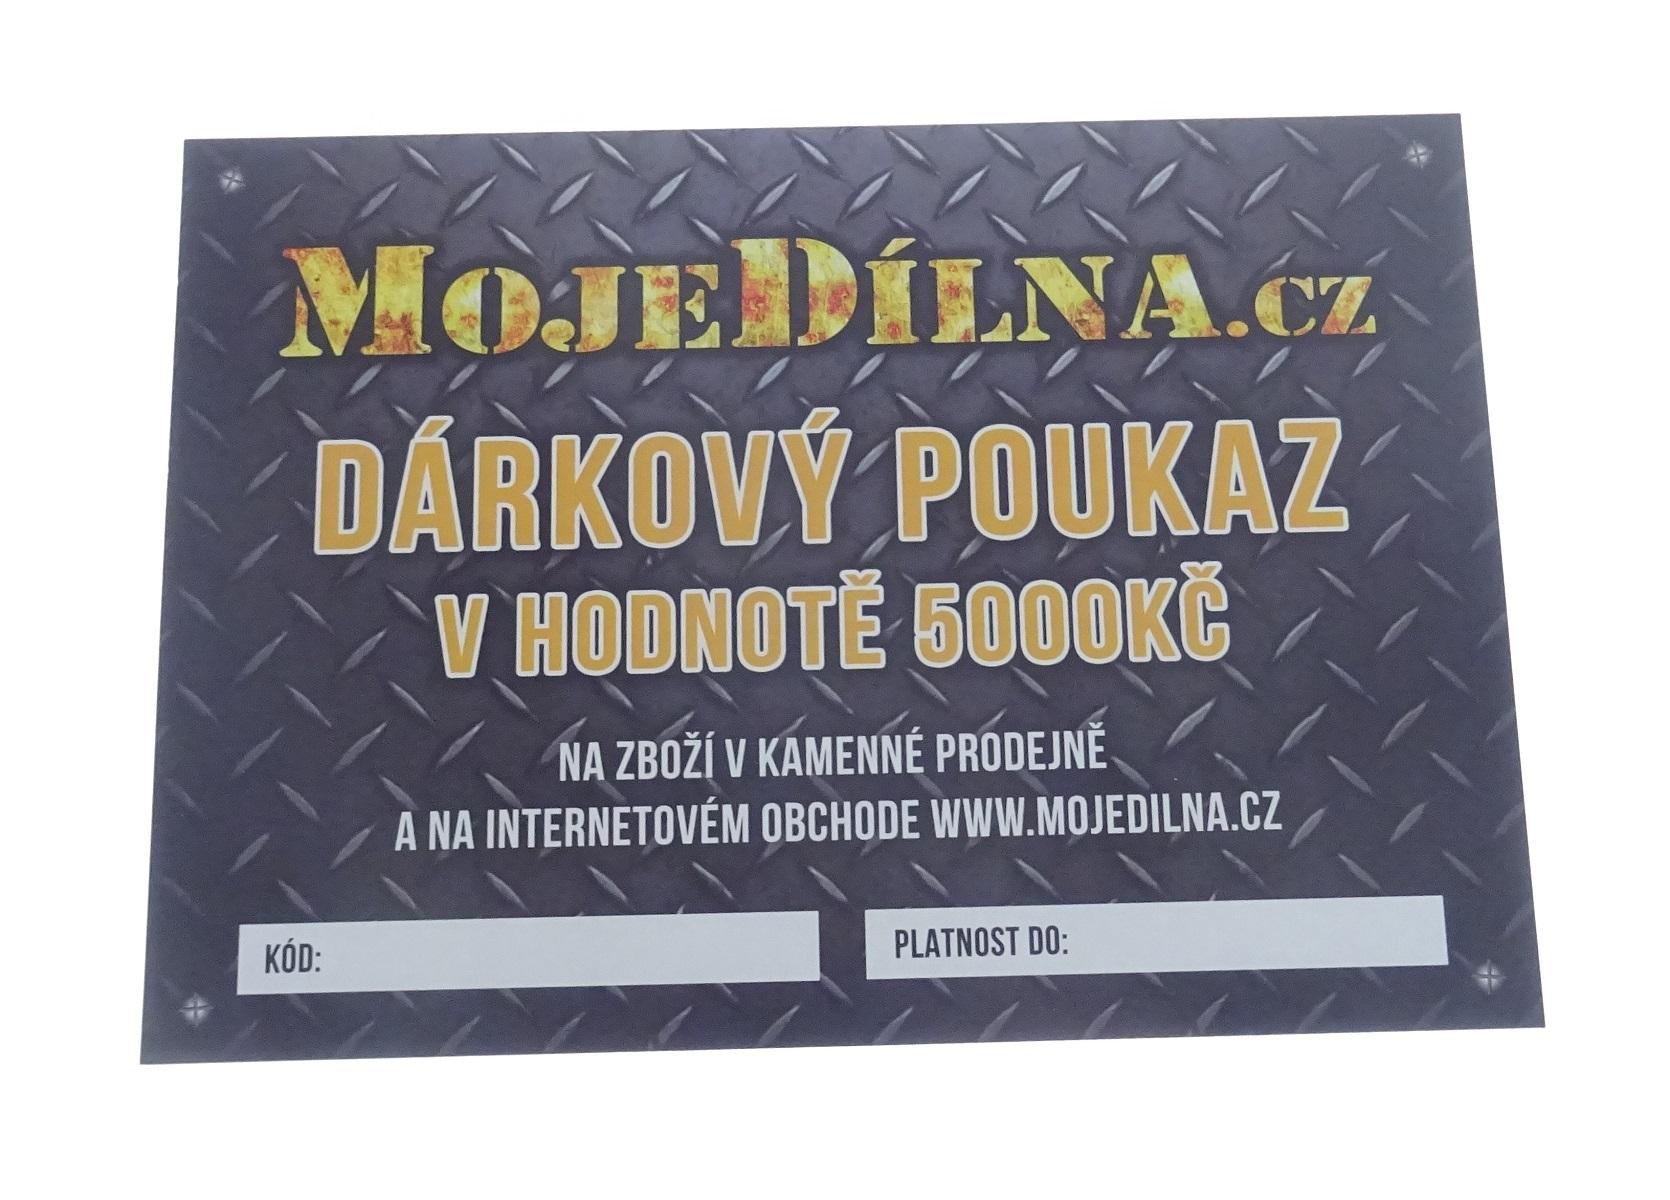 Dárkový poukaz MojeDílna.cz v hodnotě 5000 Kč - tištěný